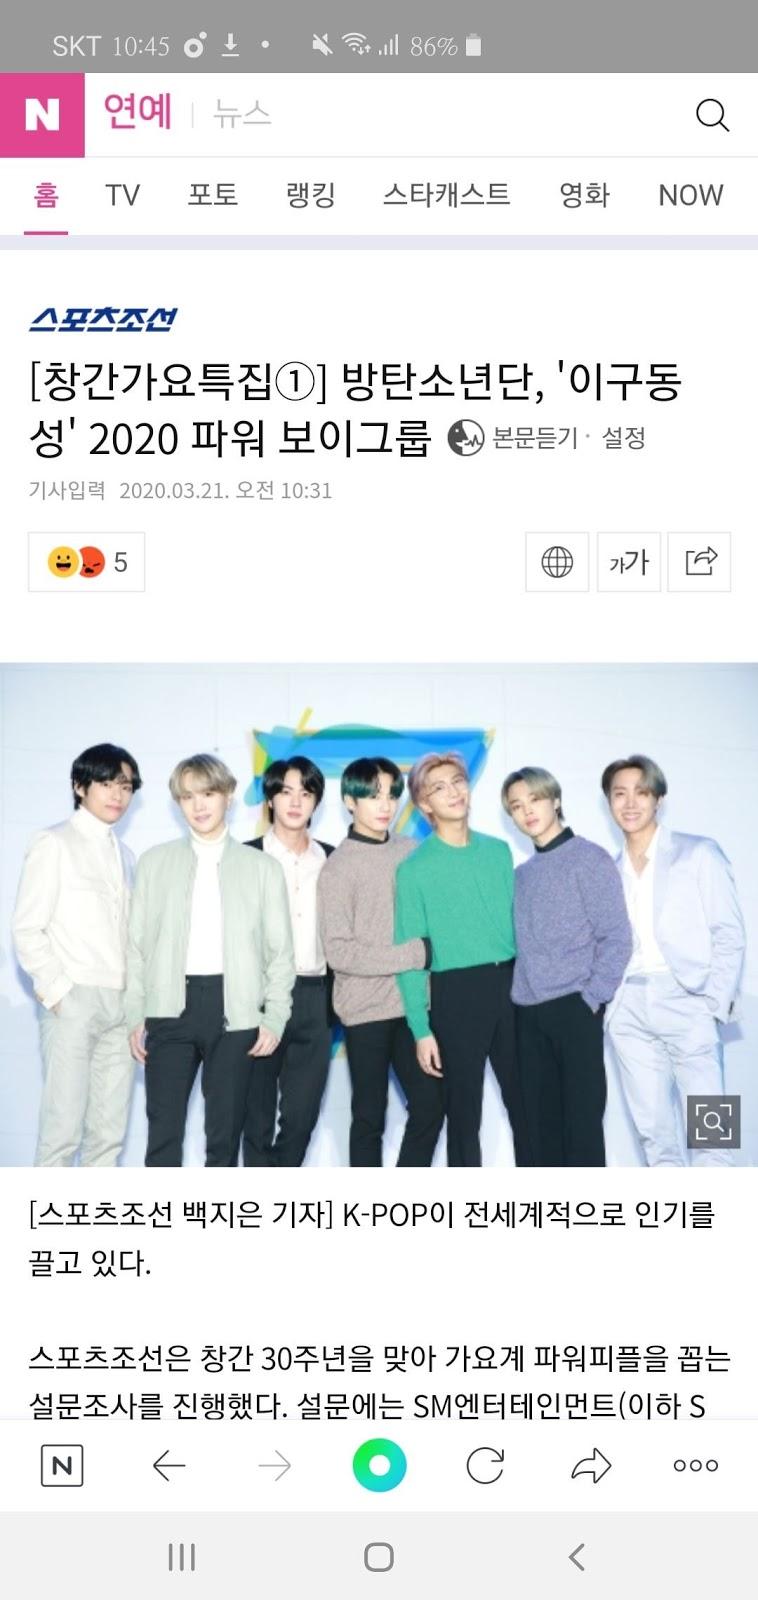 [THEQOO] 20 eğlence şirketi en iyi 10 erkek grubu, kız grubu ve solo sanatçıyı seçti